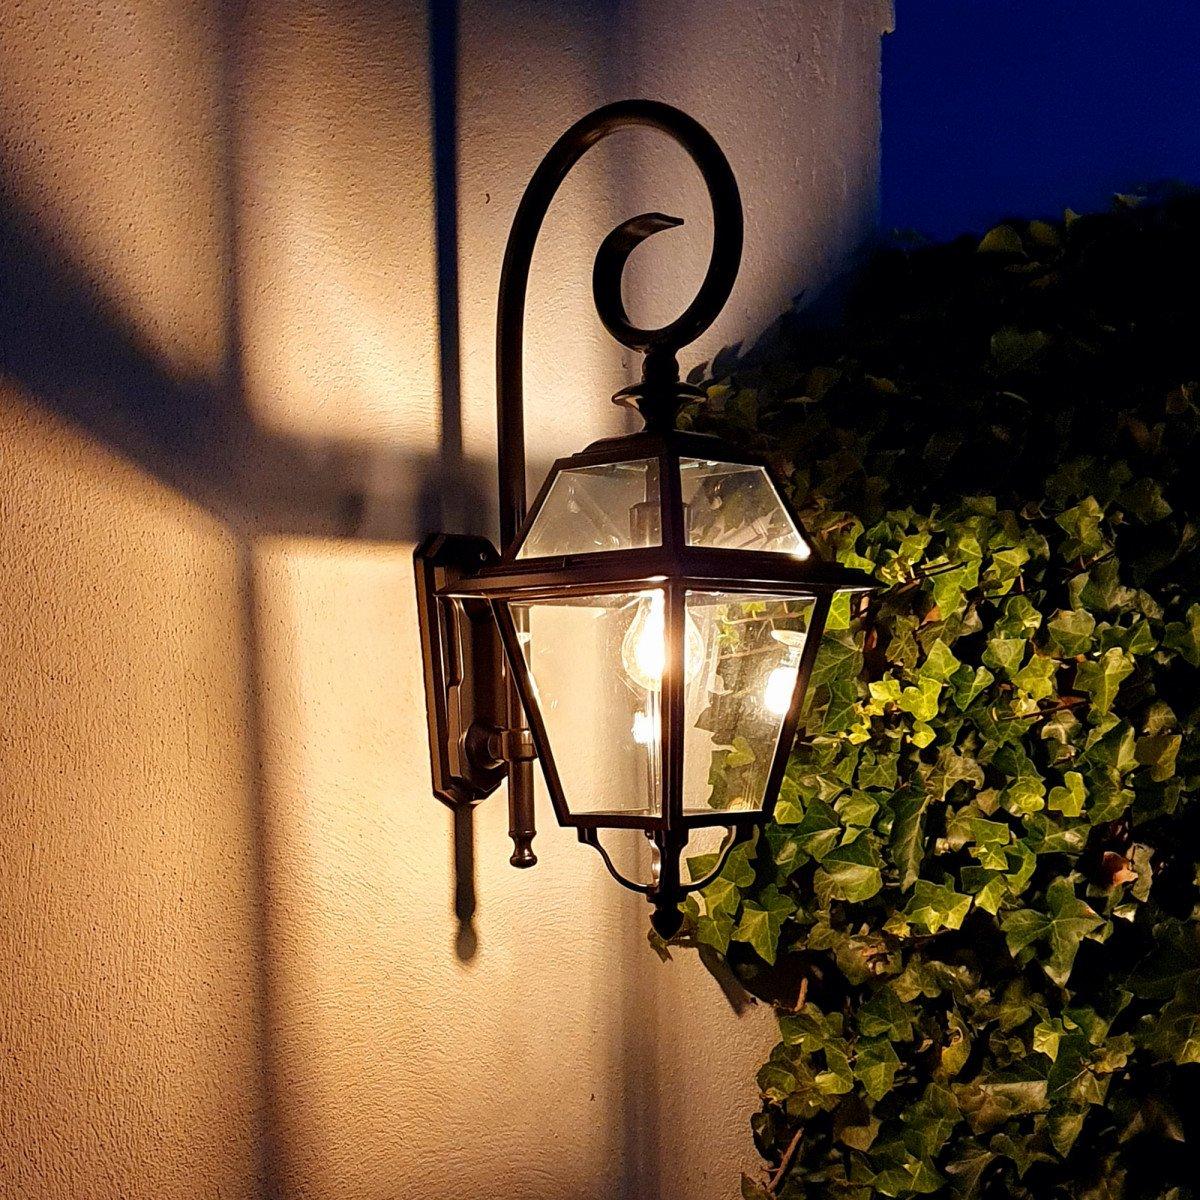 Elegante Wandleuchte Außenlampe Amstelrade S, KS Außenleuchte, Klassisches Außenlampenmodell Aluminium von hochwertiger Qualität mit Pulverbeschichtung.